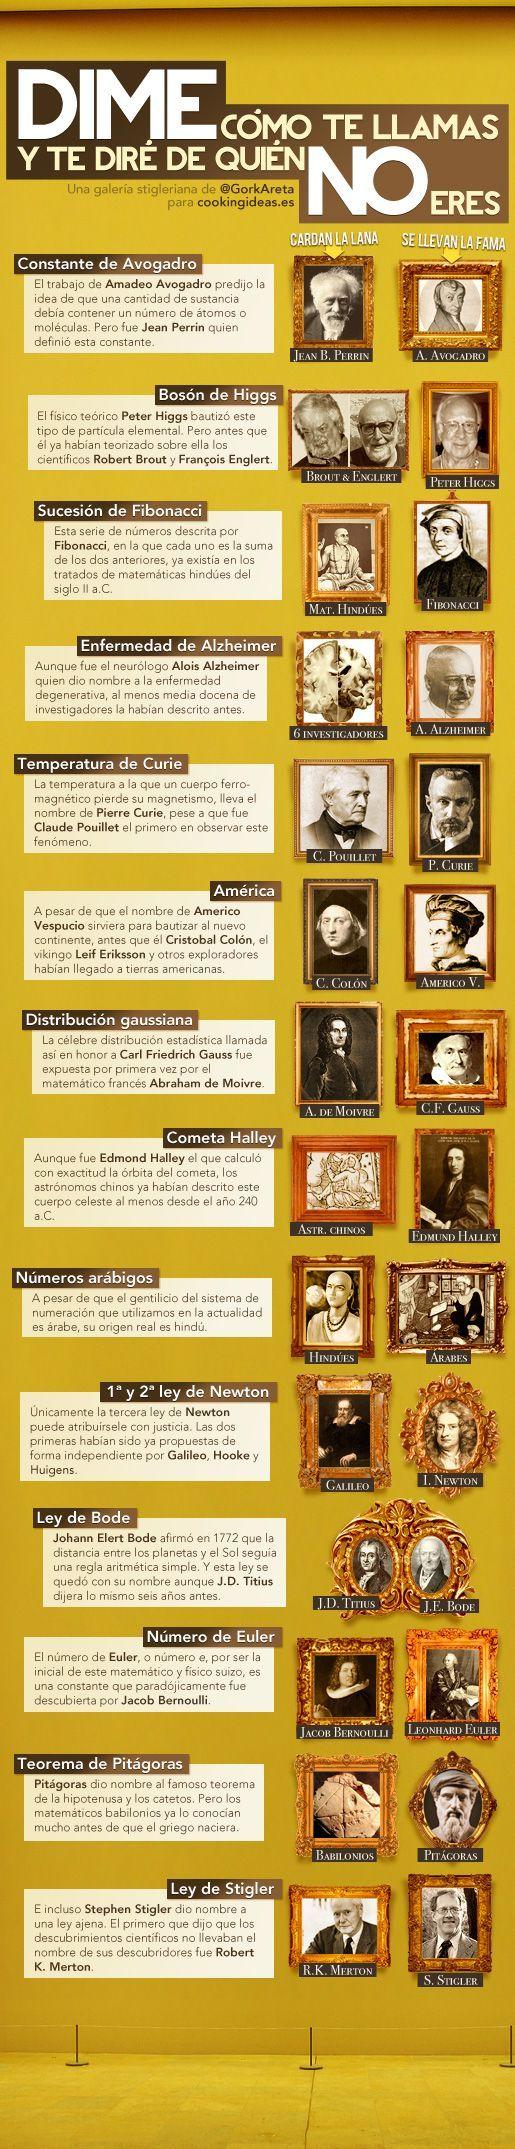 Educational infographic : Dime cómo te llamas y te diré de quién no eres #infografia